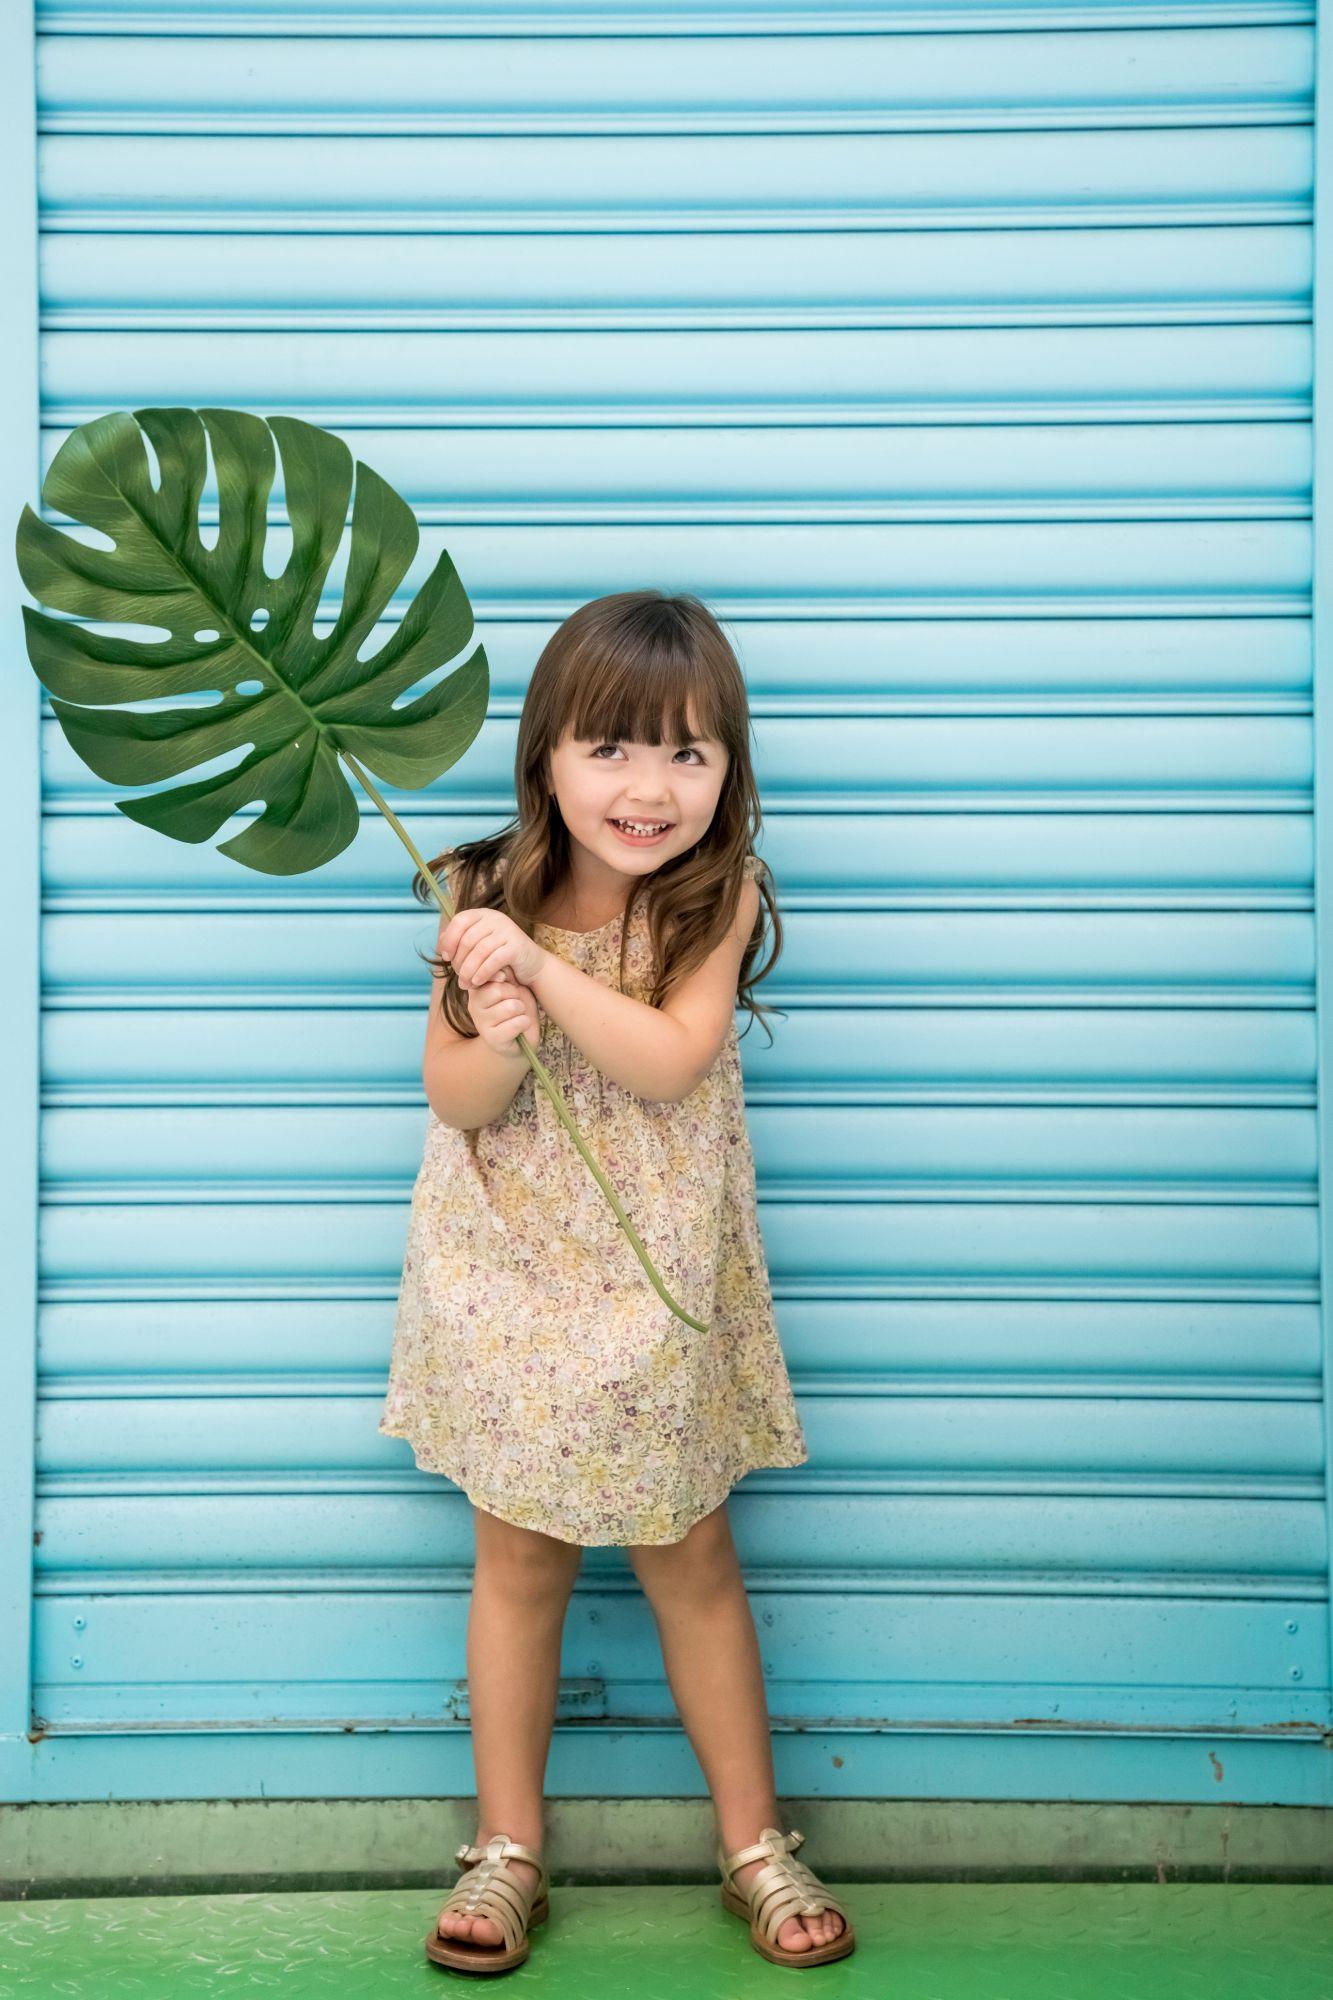 Childrenswear Resale Platform Retykle Announces Hong Kong Pop-Up